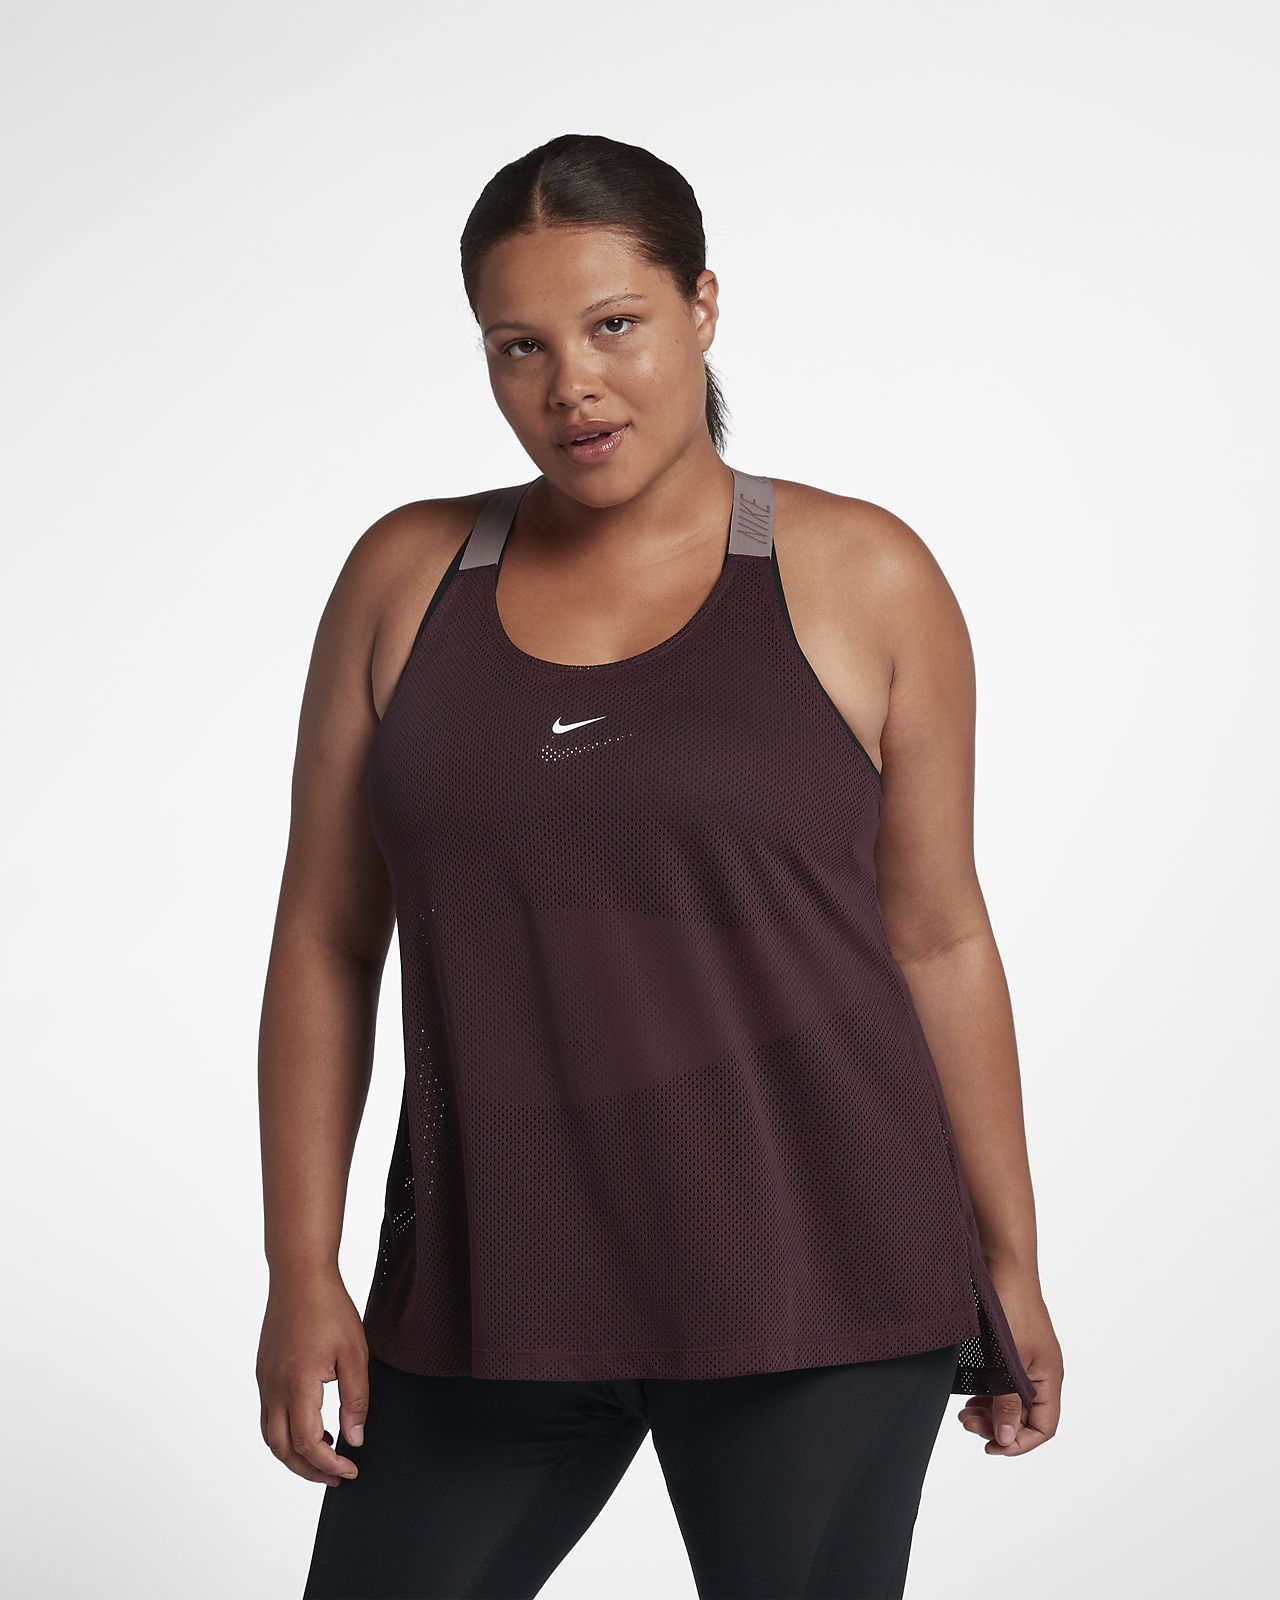 Träningslinne Nike för kvinnor (stora storlekar)